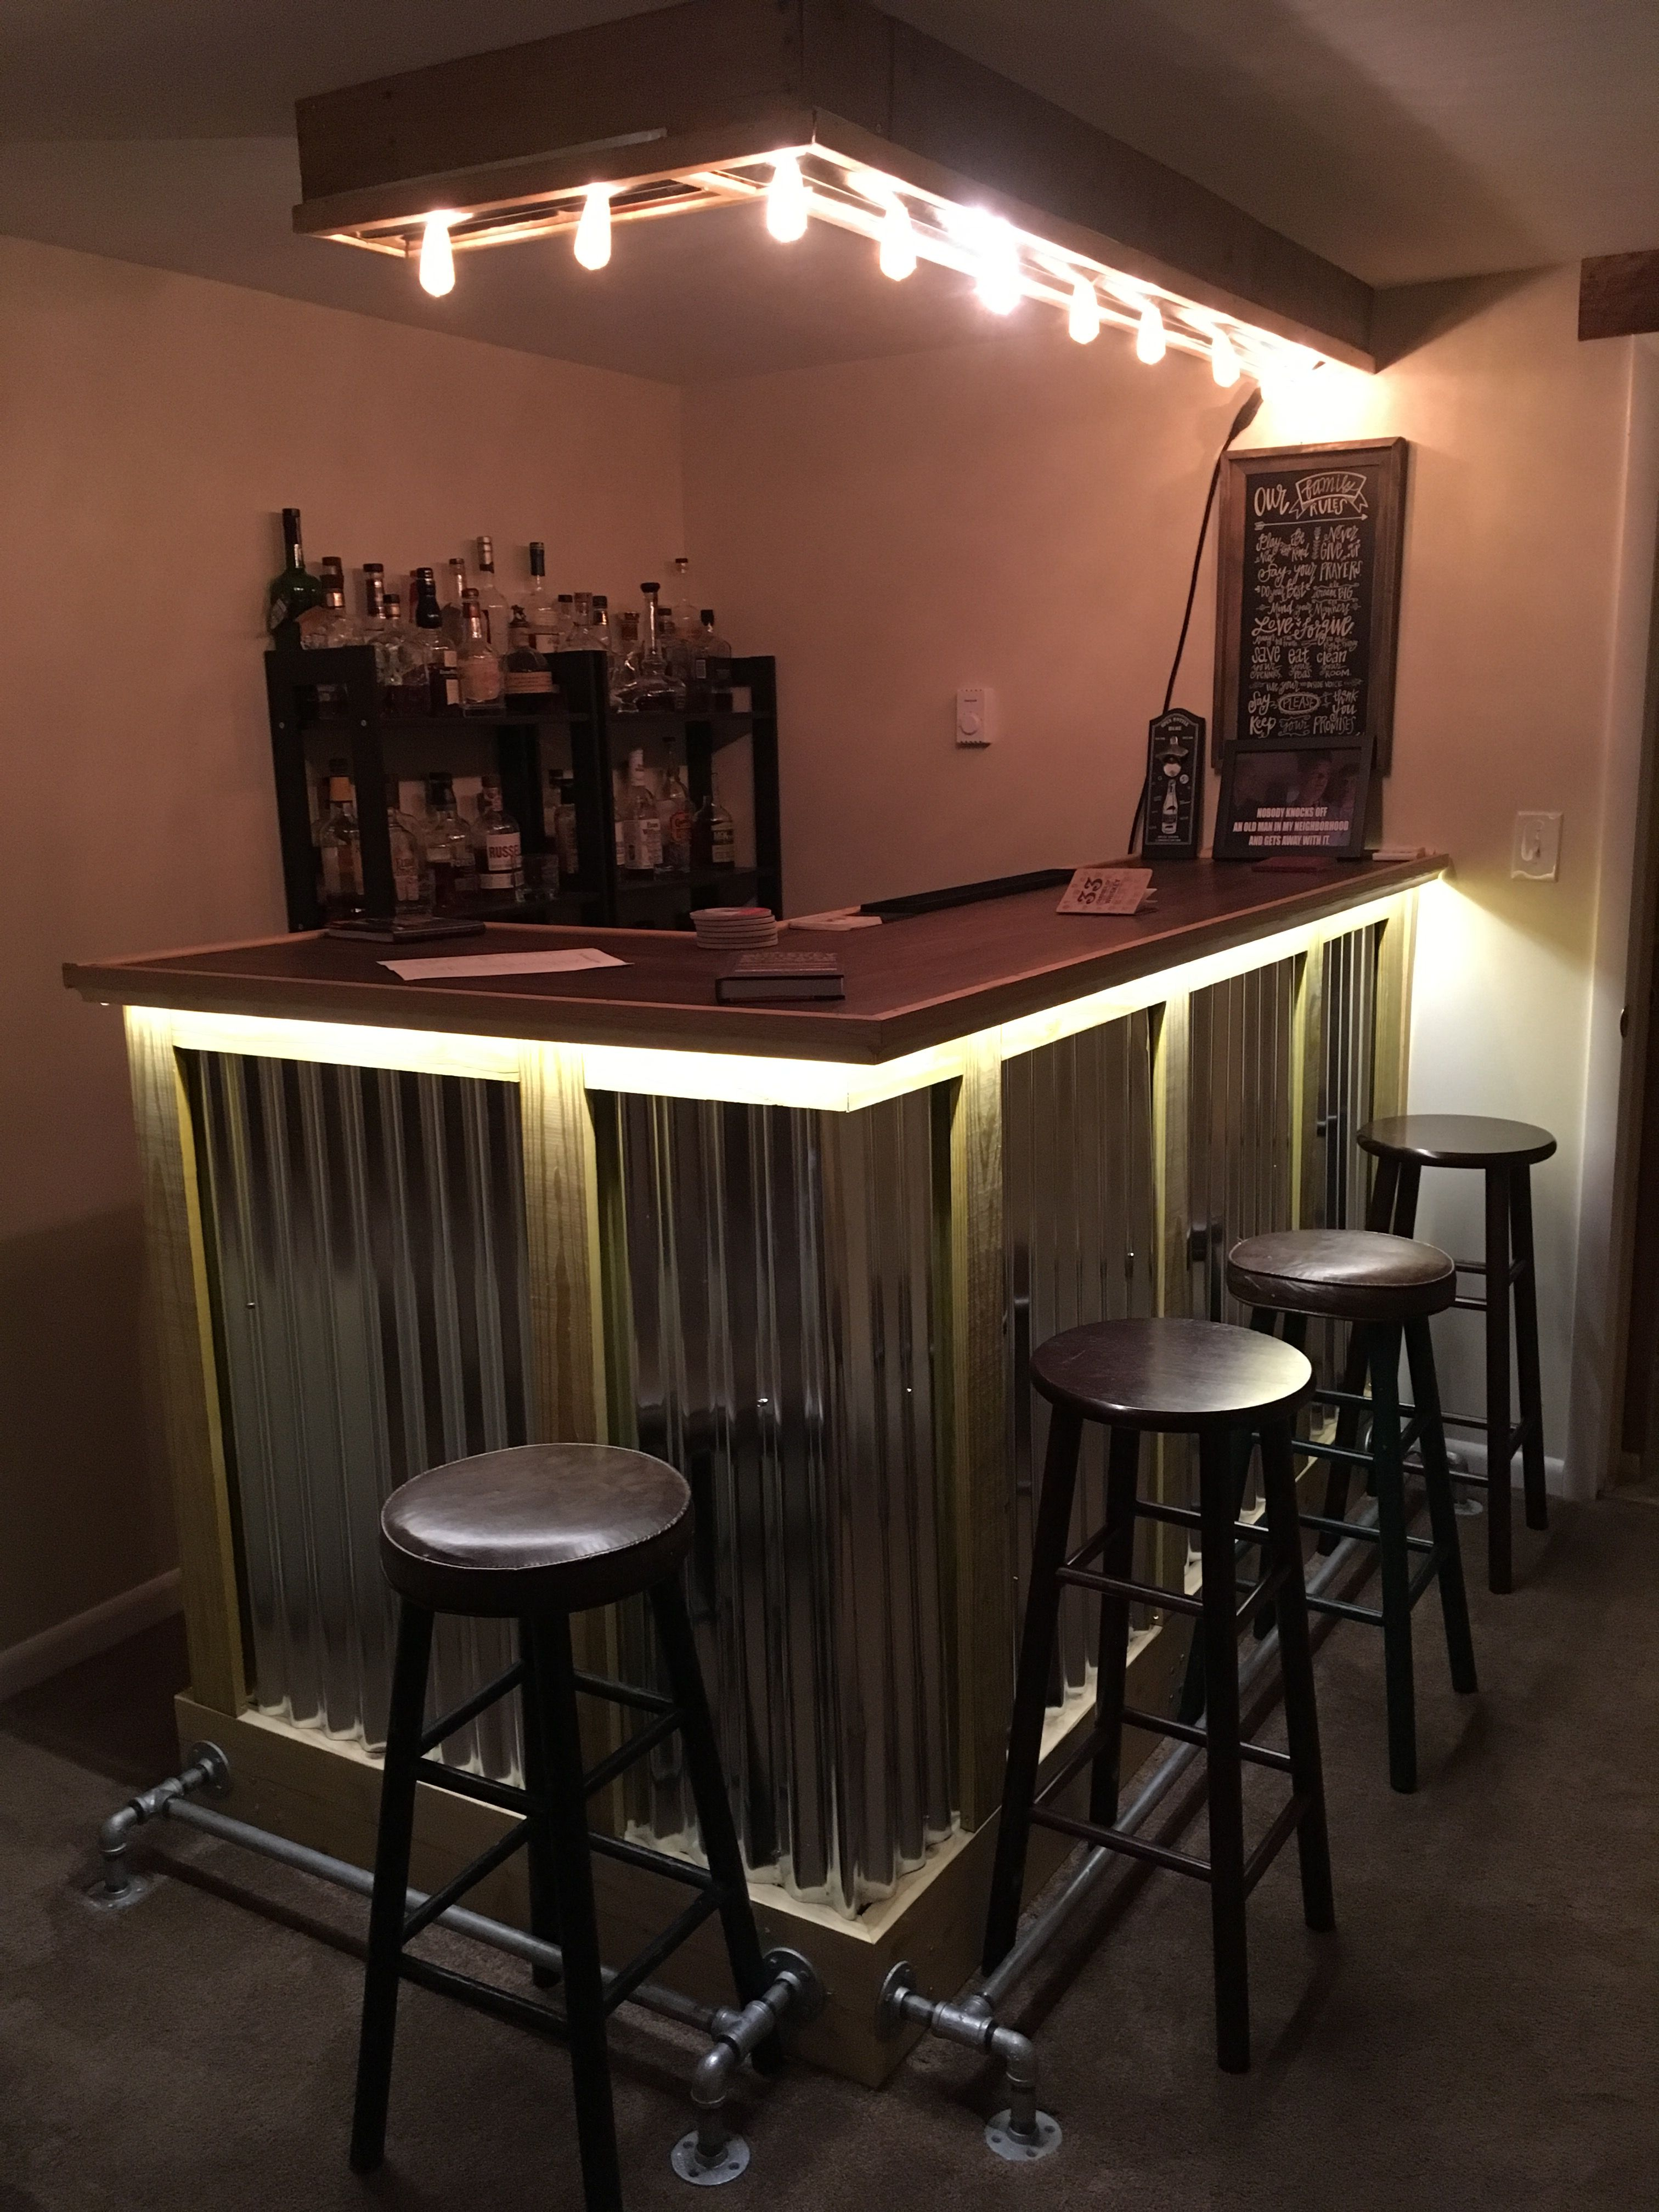 Pin by Tamara Gessay on Basement bar | Garage bar, Home ...